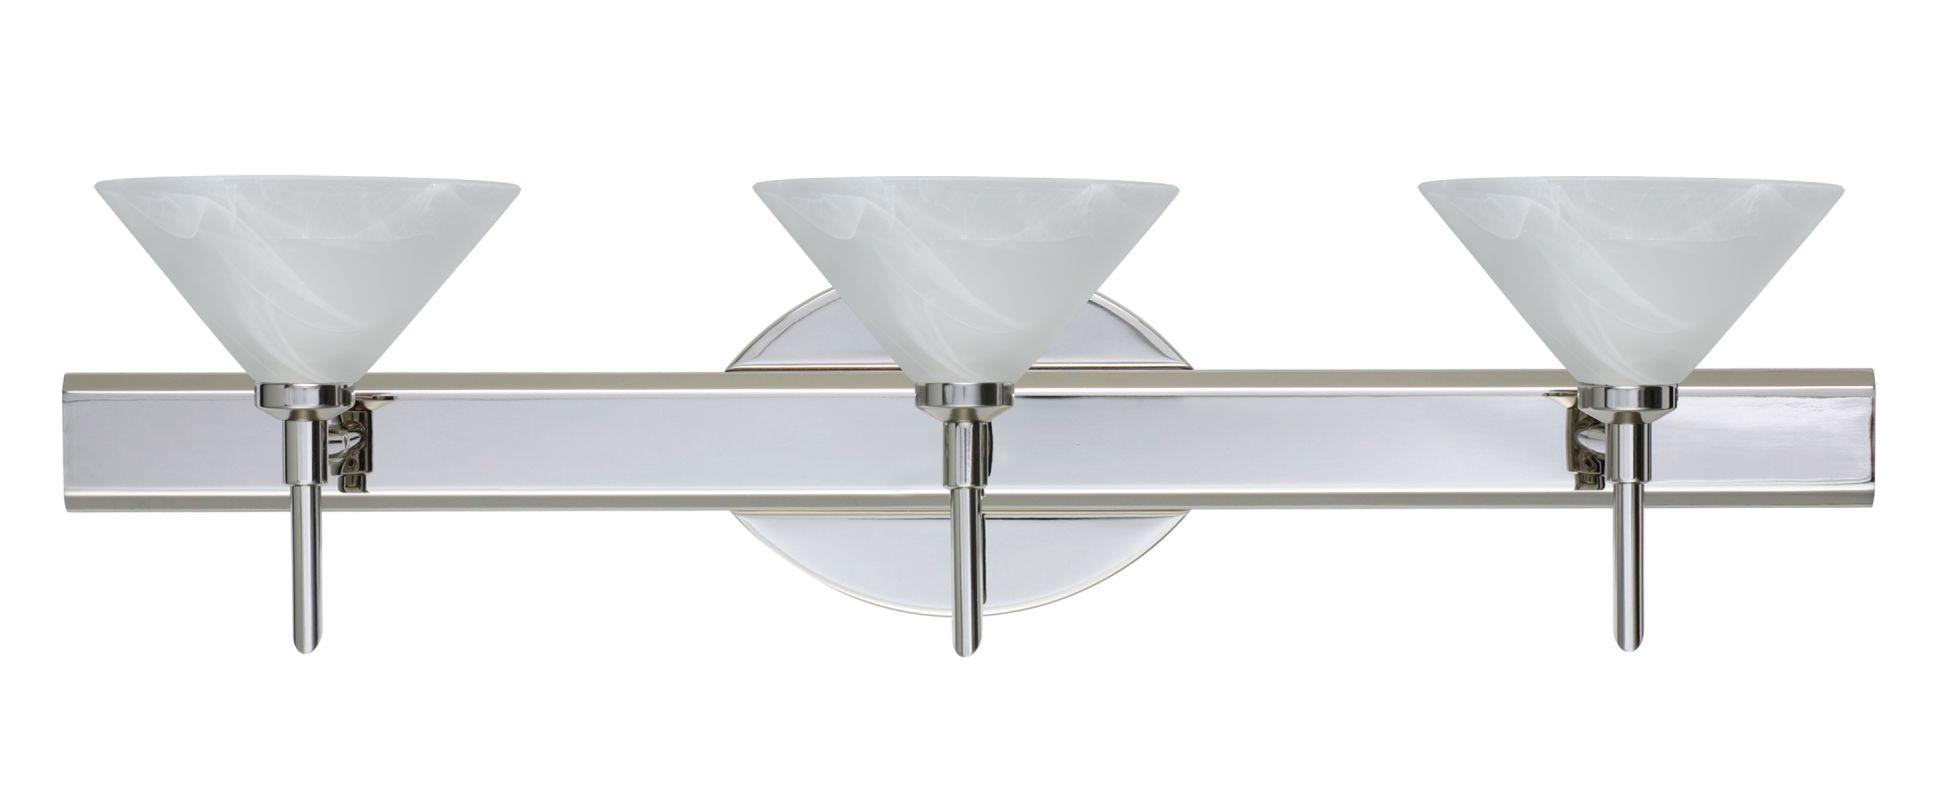 Besa Lighting 3SW-117652 Kona 3 Light Reversible Halogen Bathroom